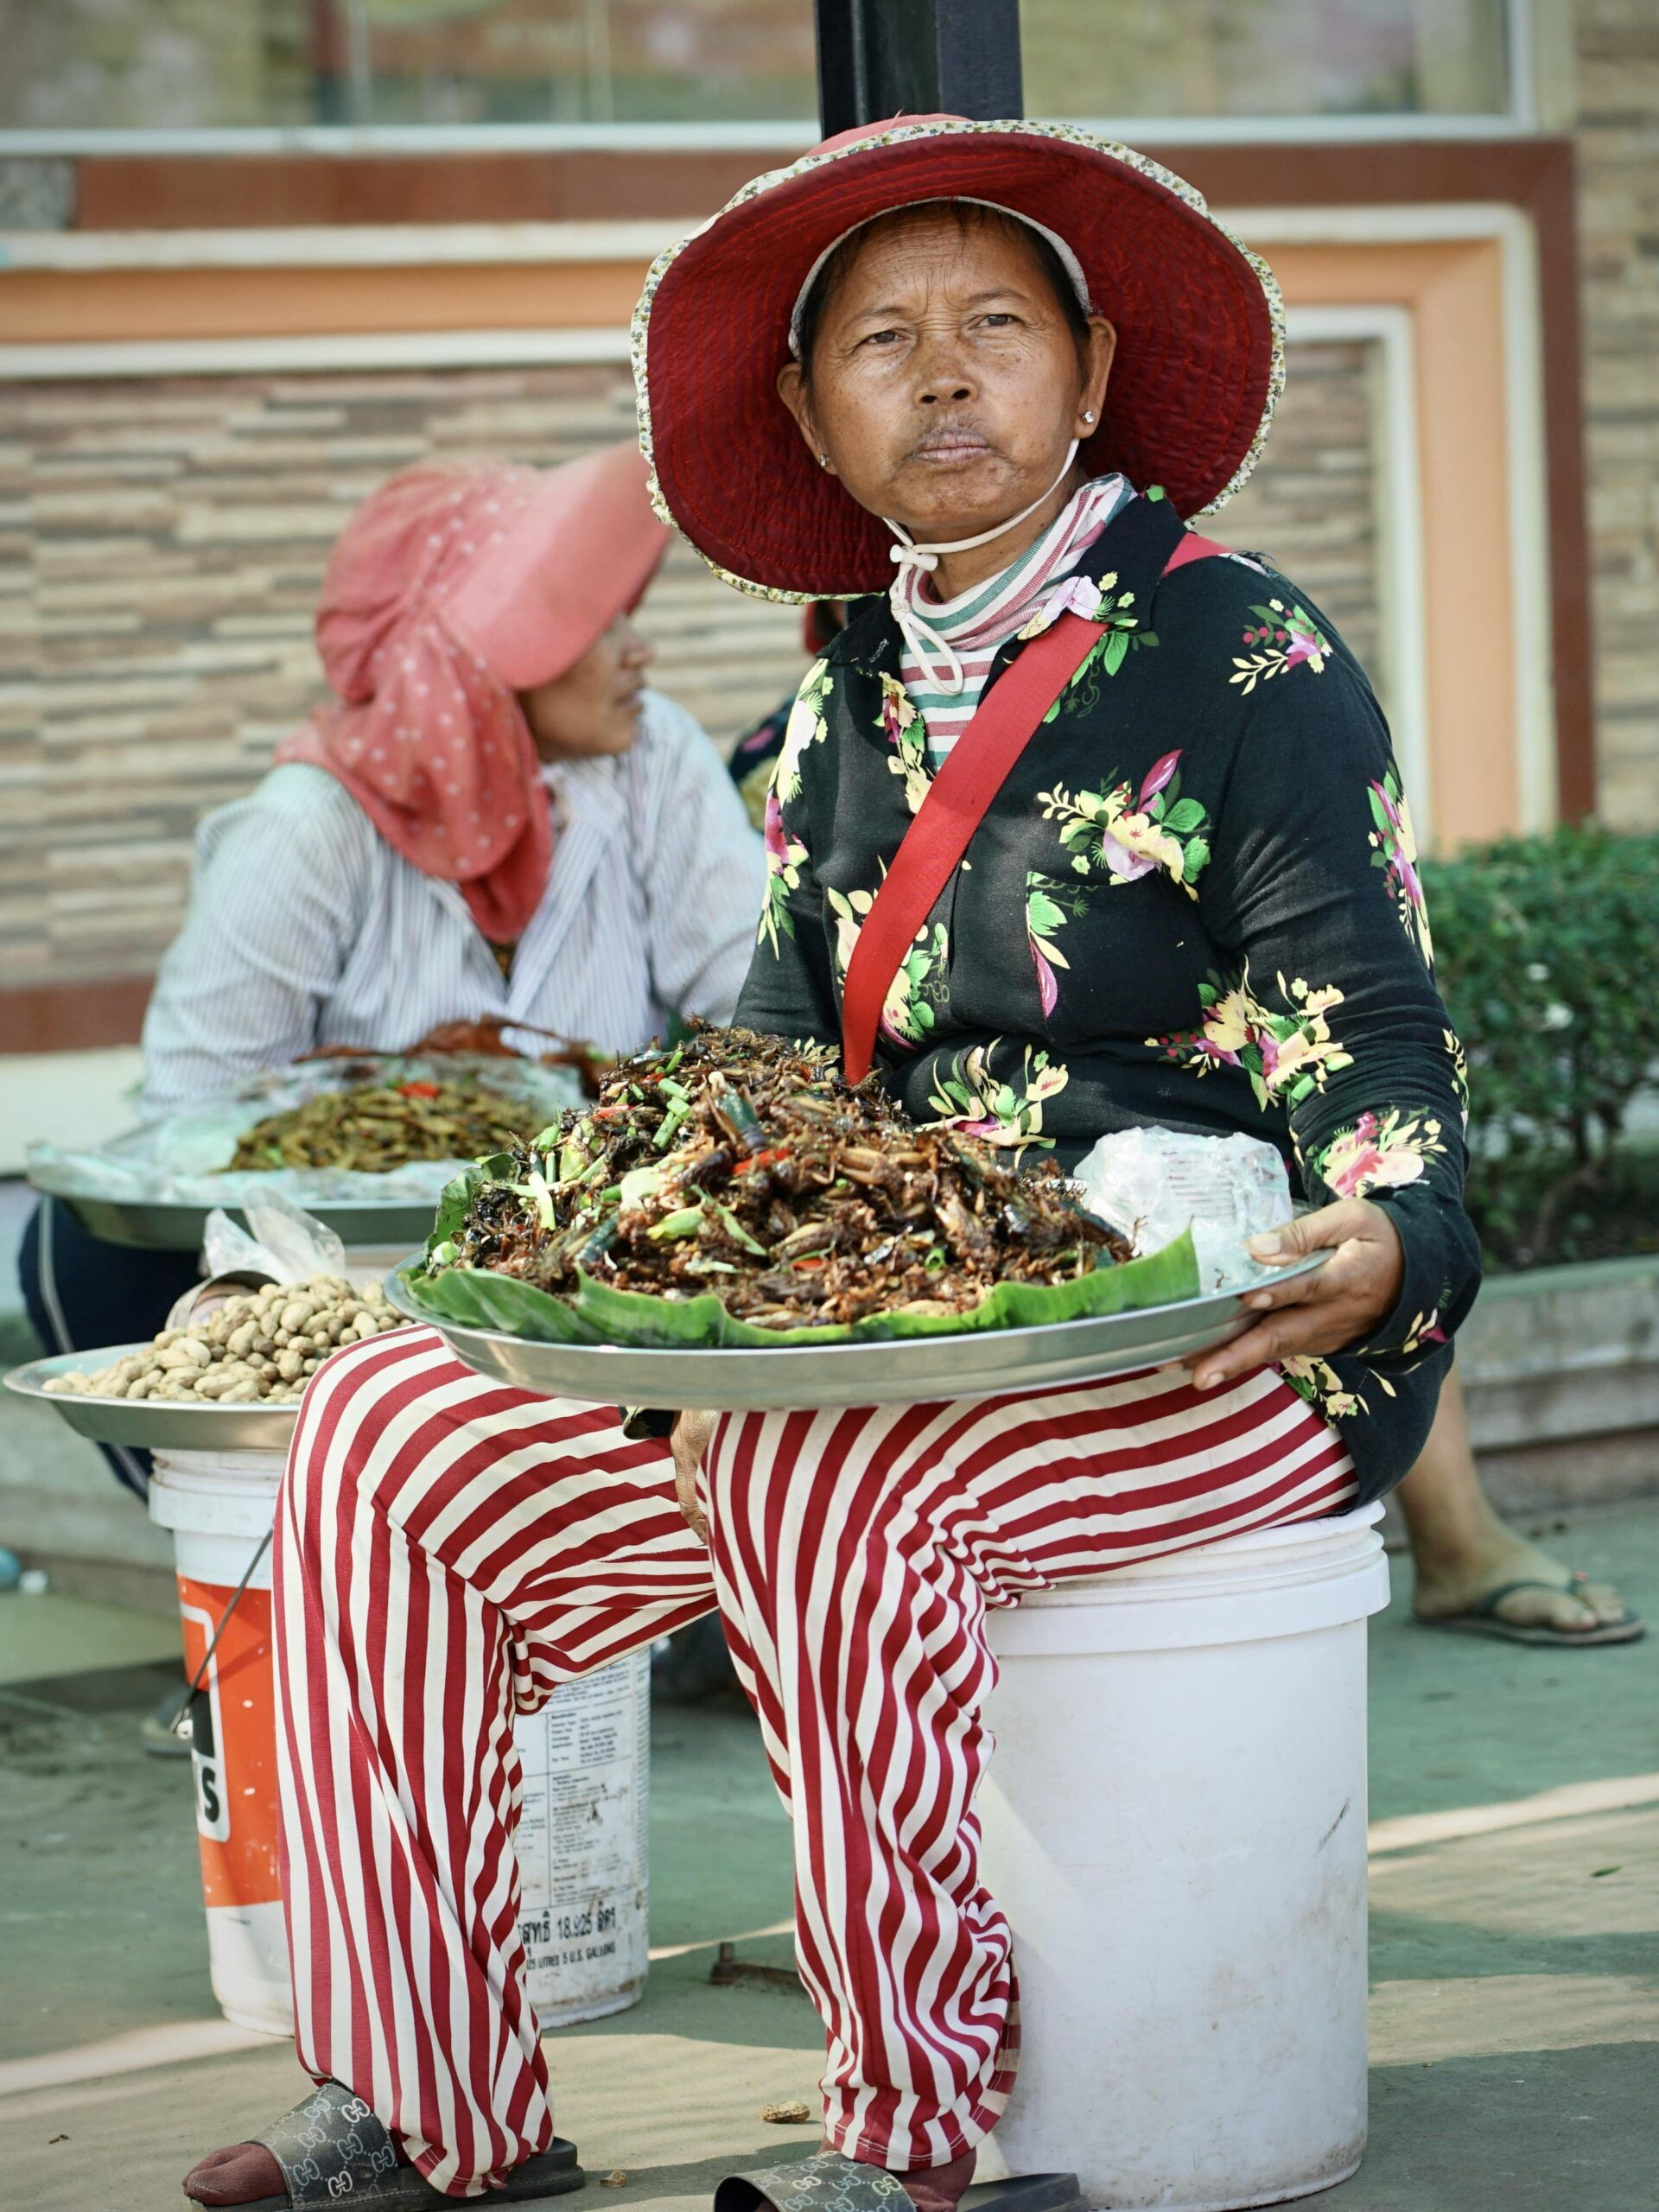 Auffällig gestylte Marktfrau bietet frittierte Insekten feil.